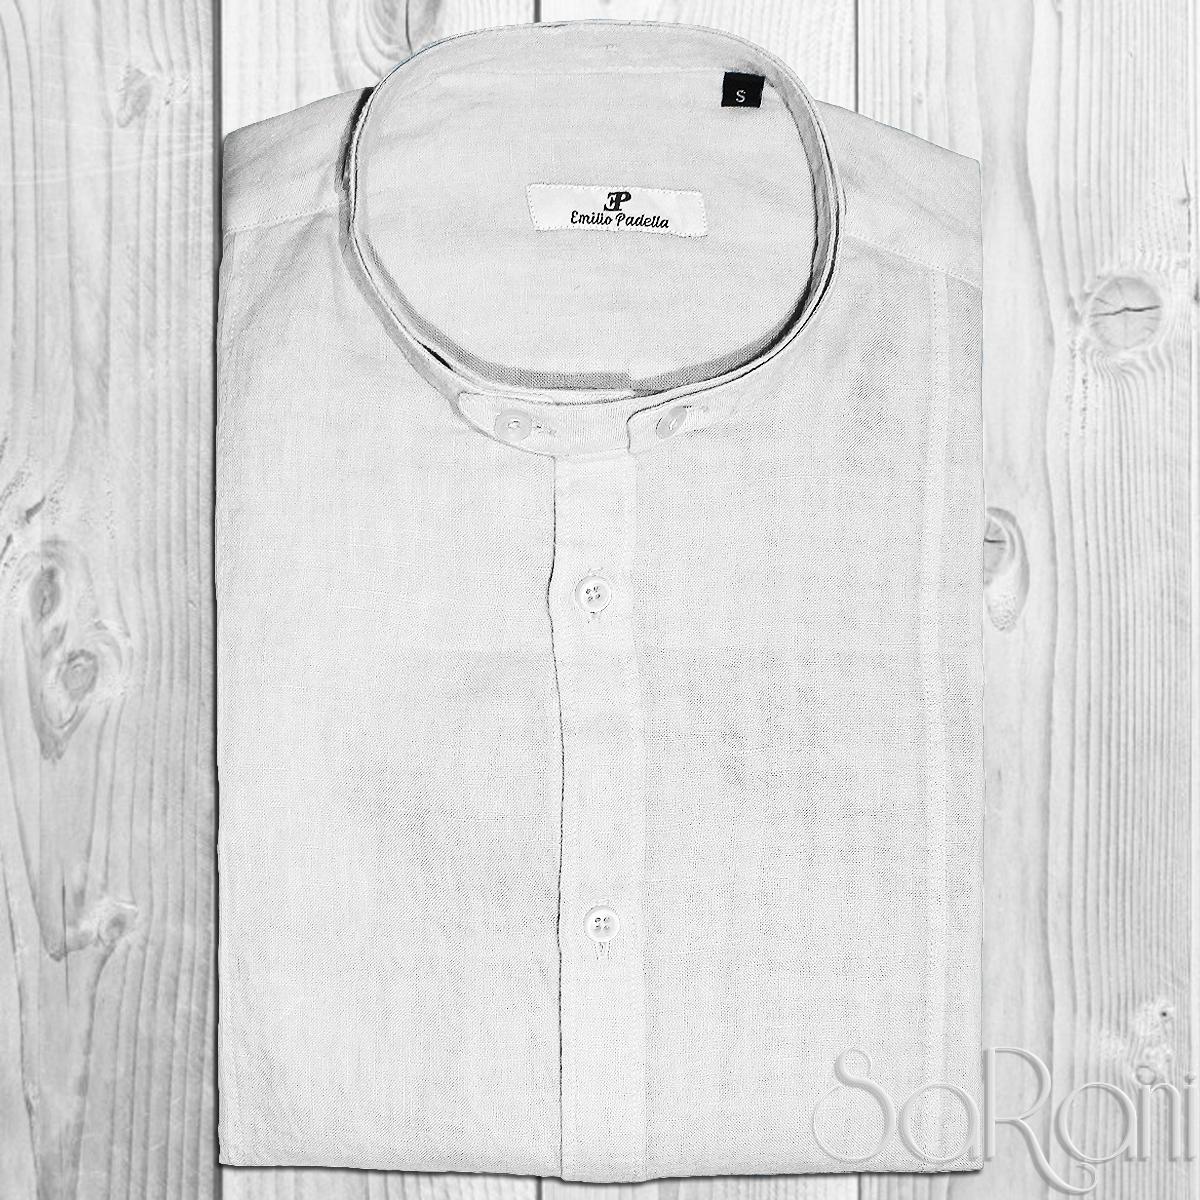 Herrenhemd Casual Basic Leinen Hals Ein Koreanisch Langarm Slim Fit Fit Fit Weiß | Online Store  0a3438